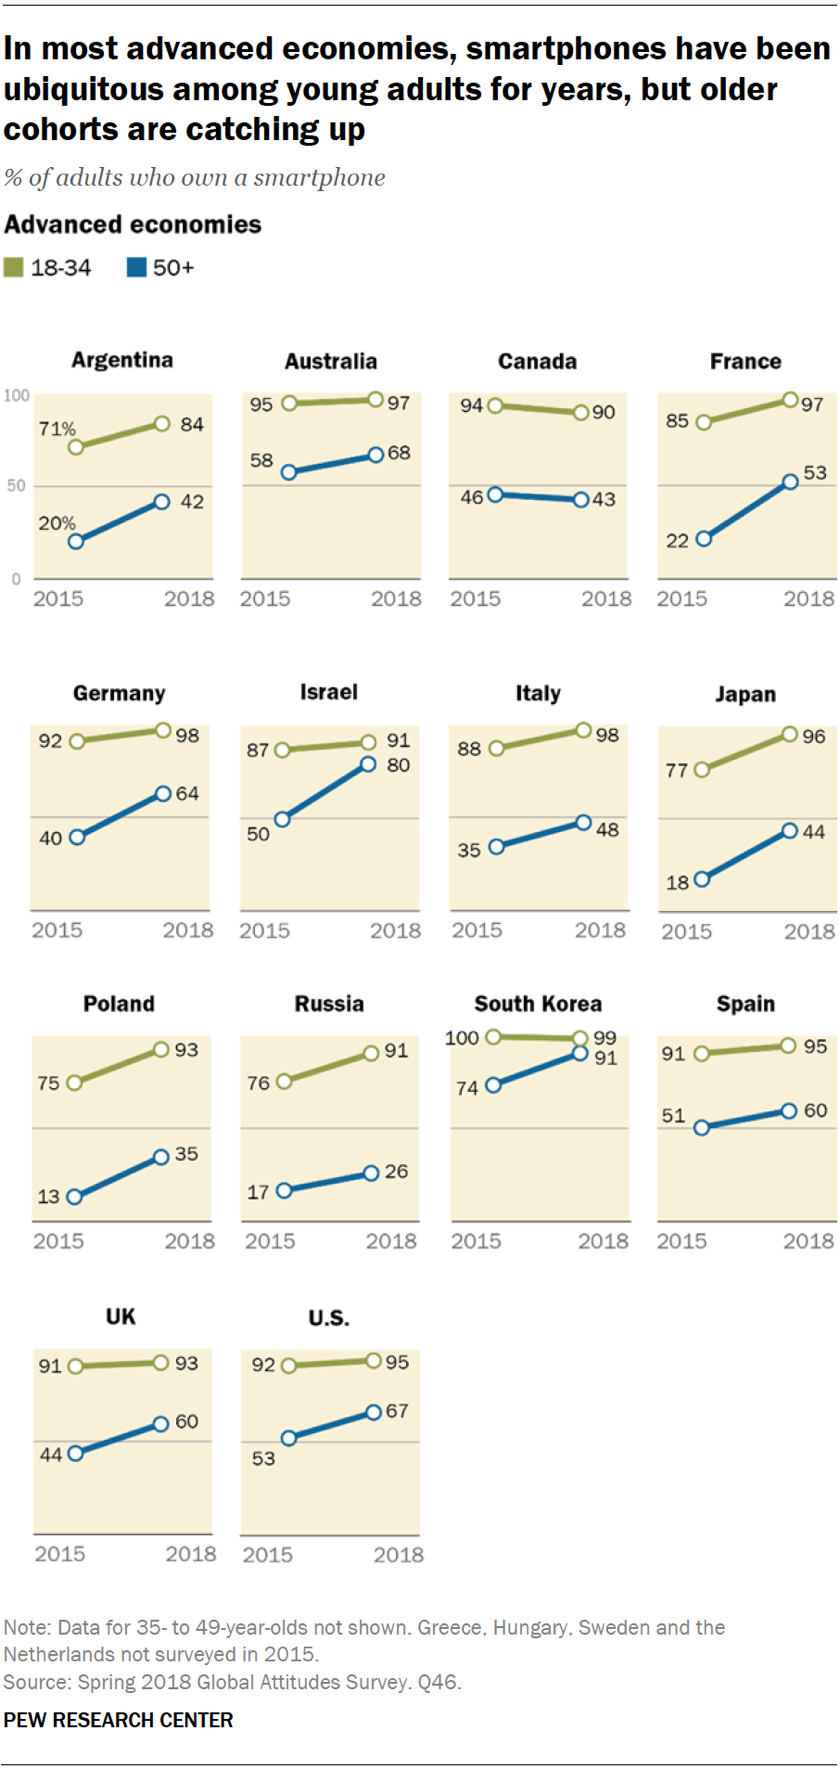 Возрастное распределение владельцев смартфонов в странах с развитой экономикой